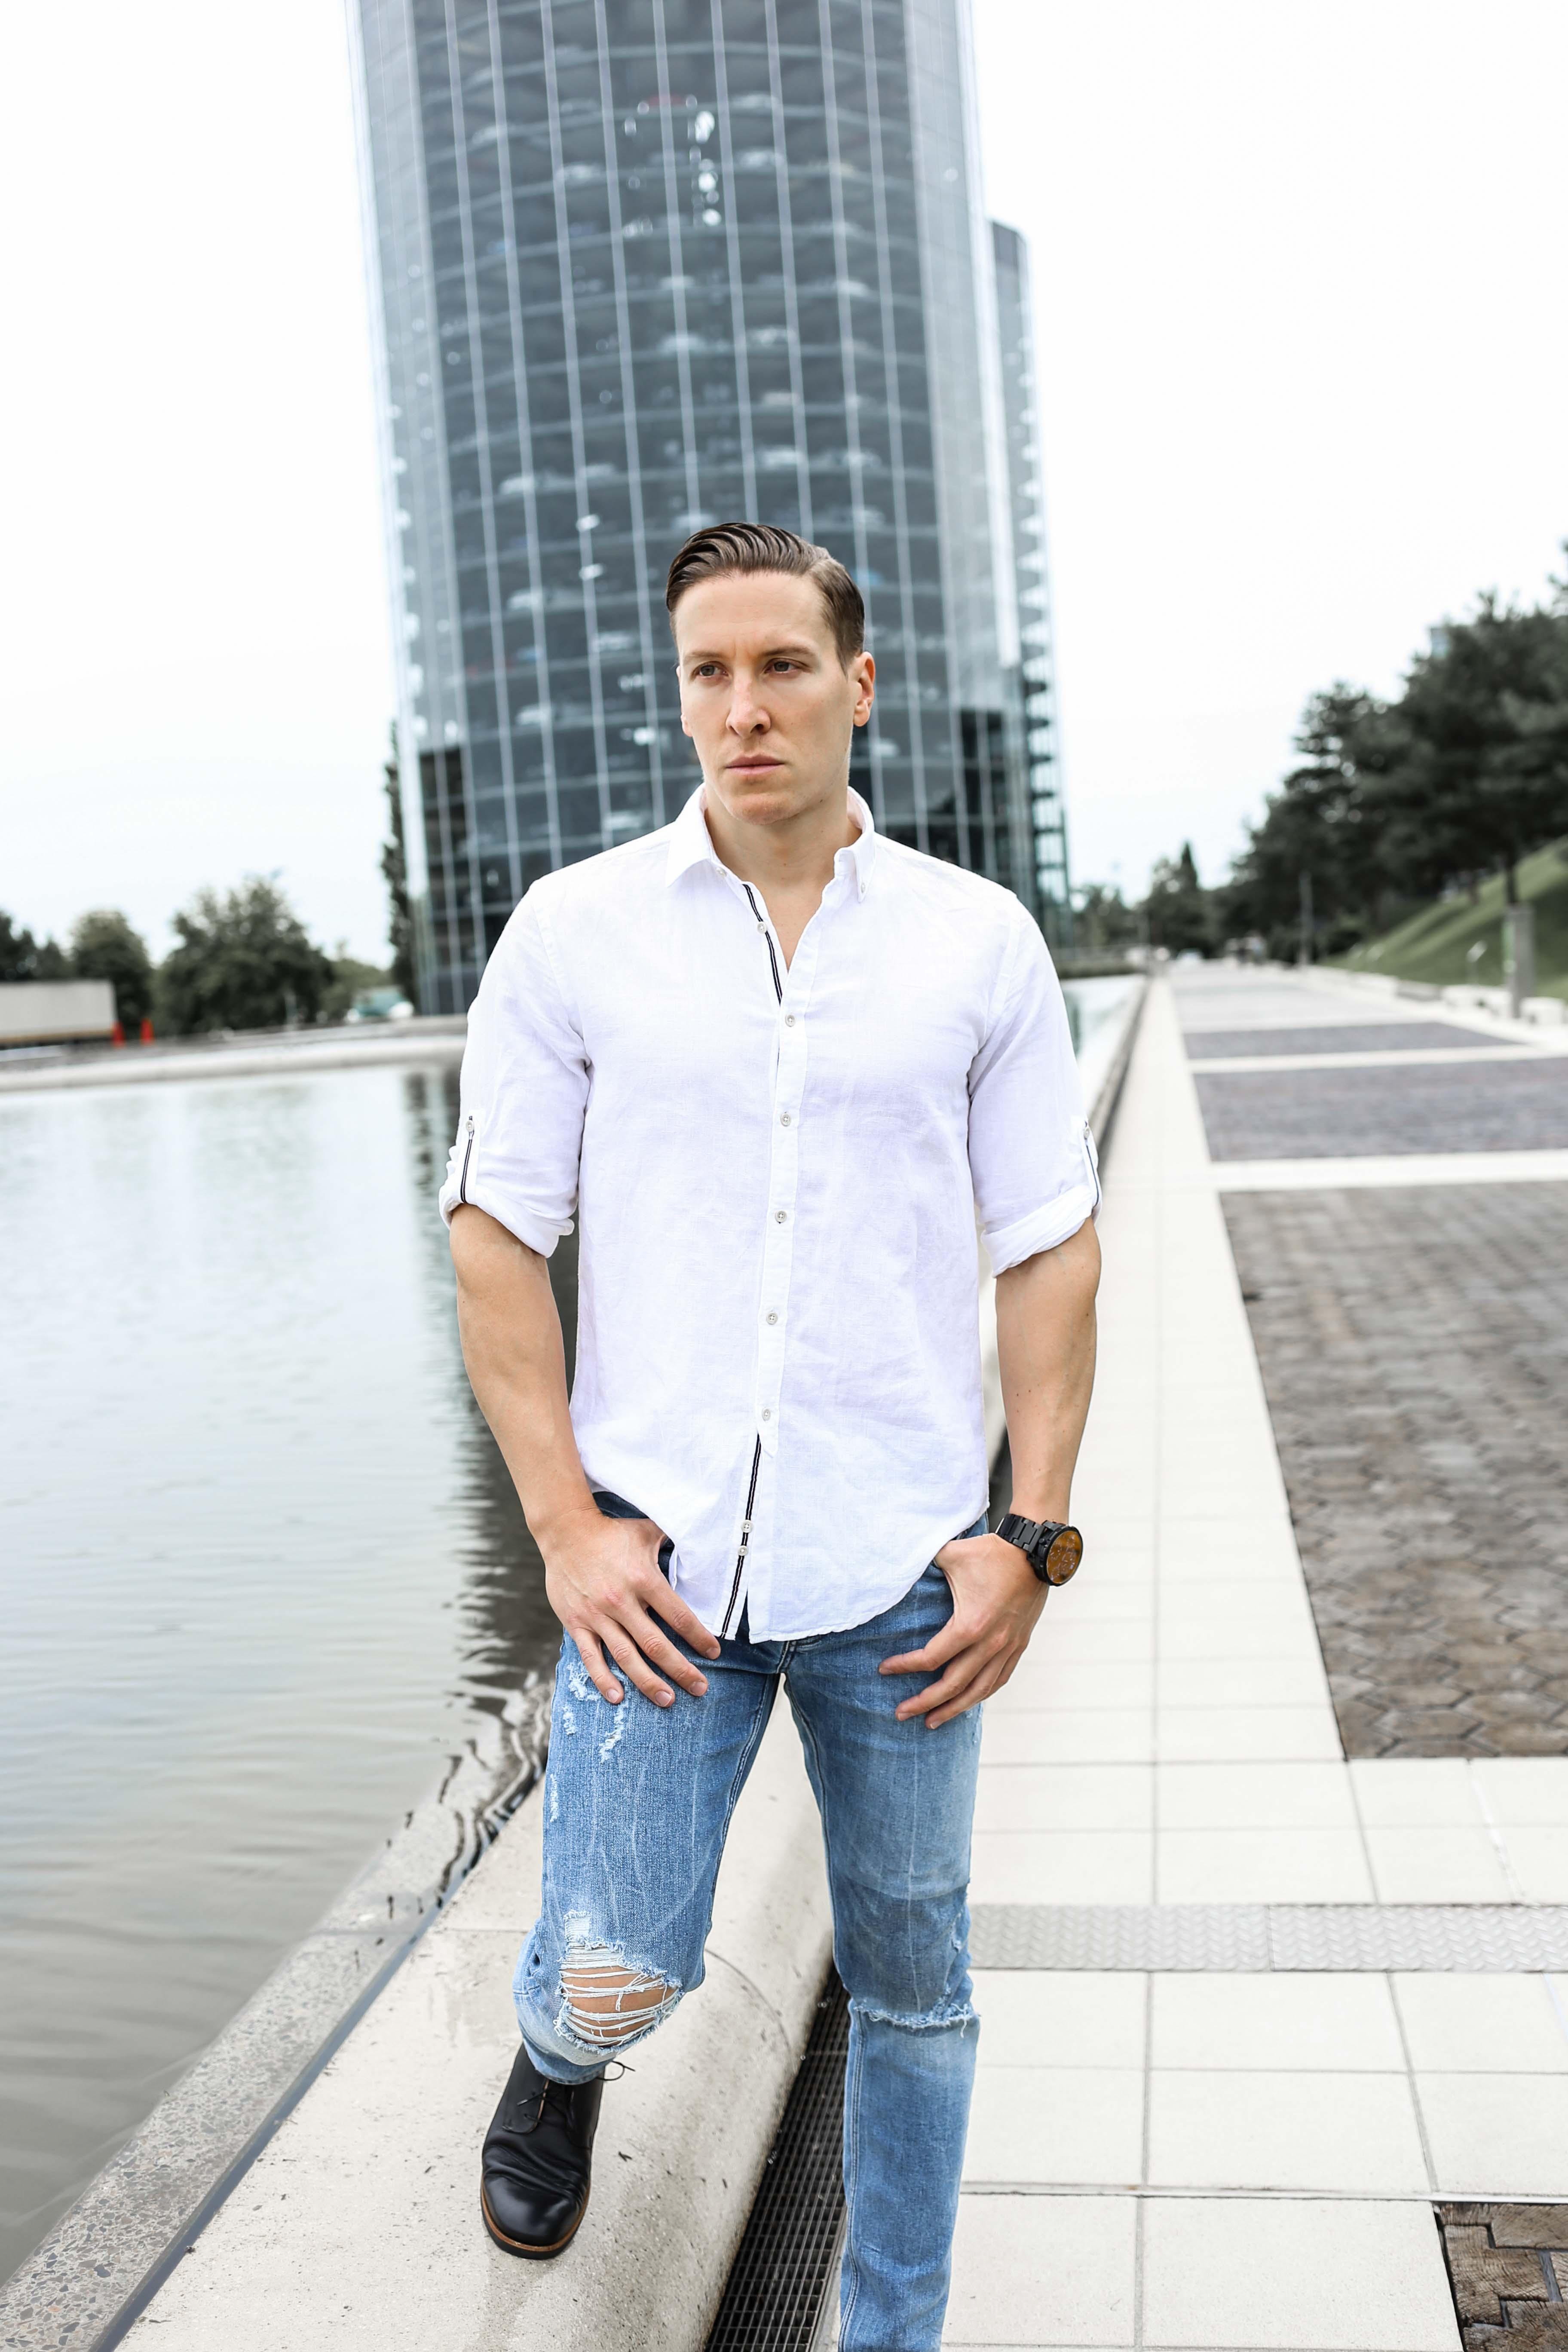 sommer-look-weißes-leinenhemd-ripped-blue-jeans-freizeit-lederschuhe-modeblog-männerblog_0415